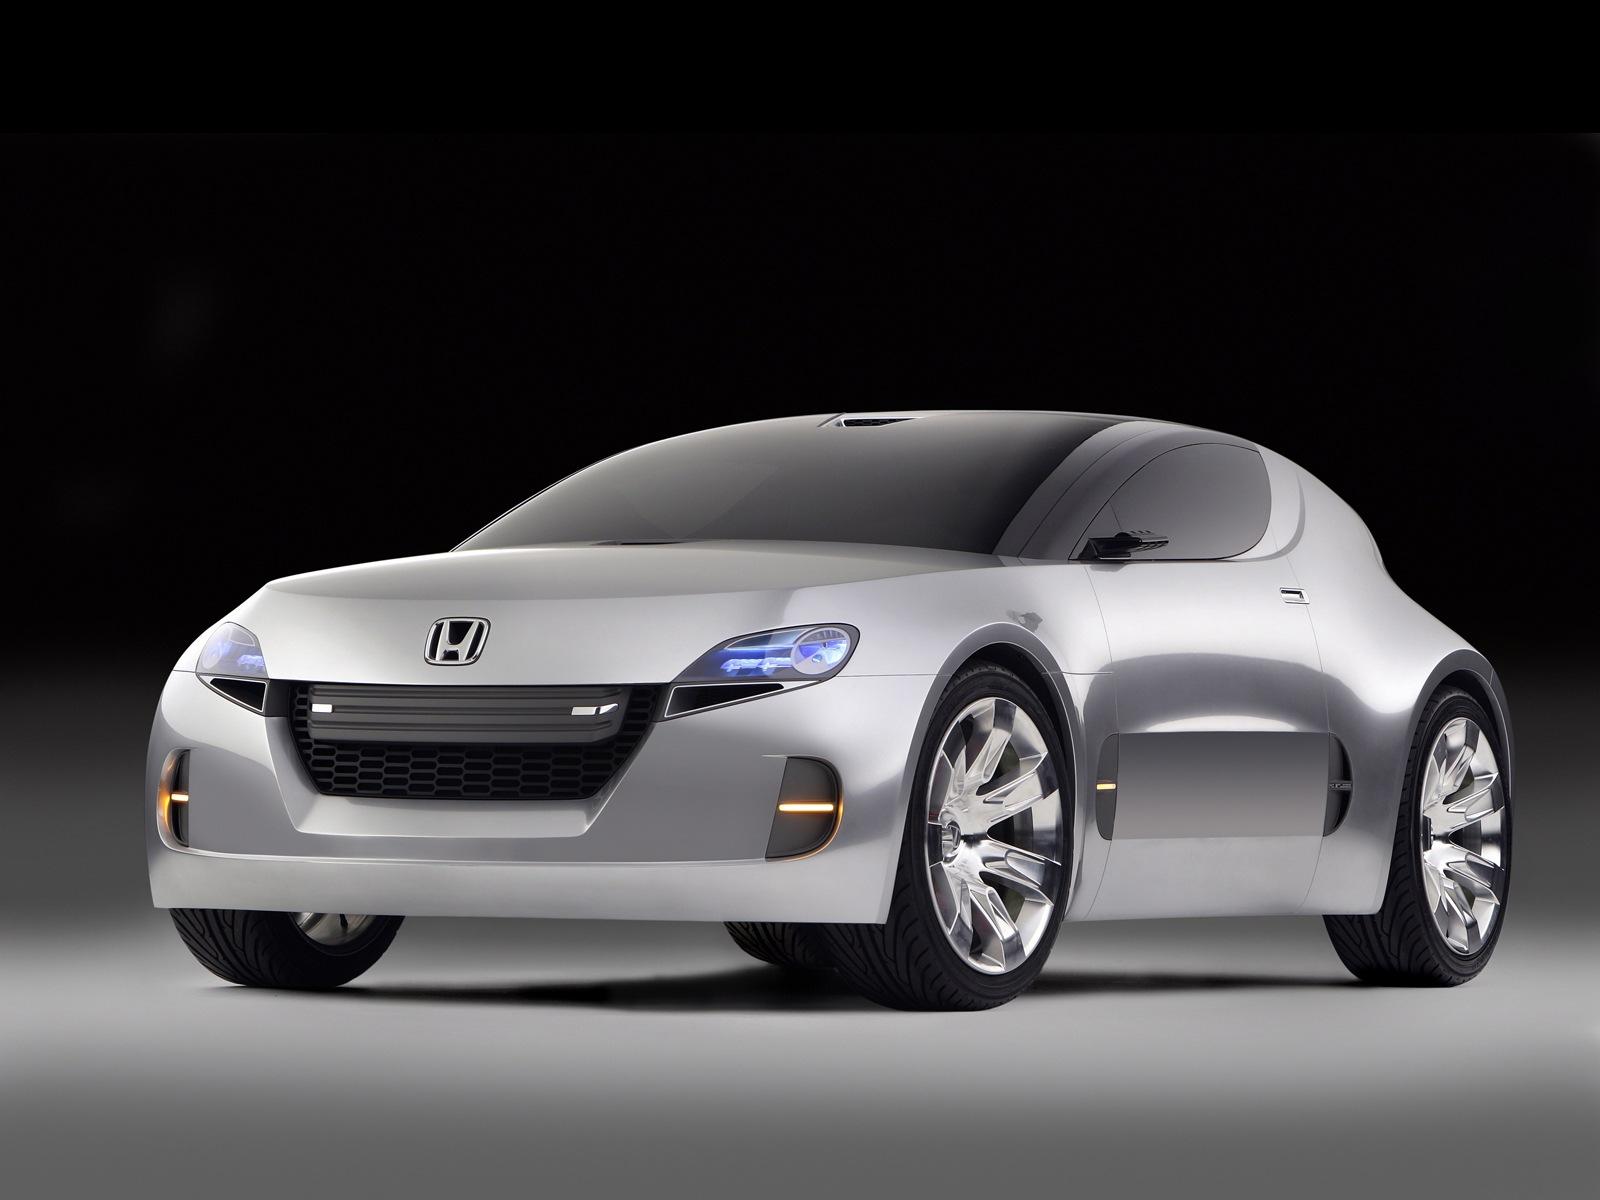 Honda Remix Concept Wallpaper Download